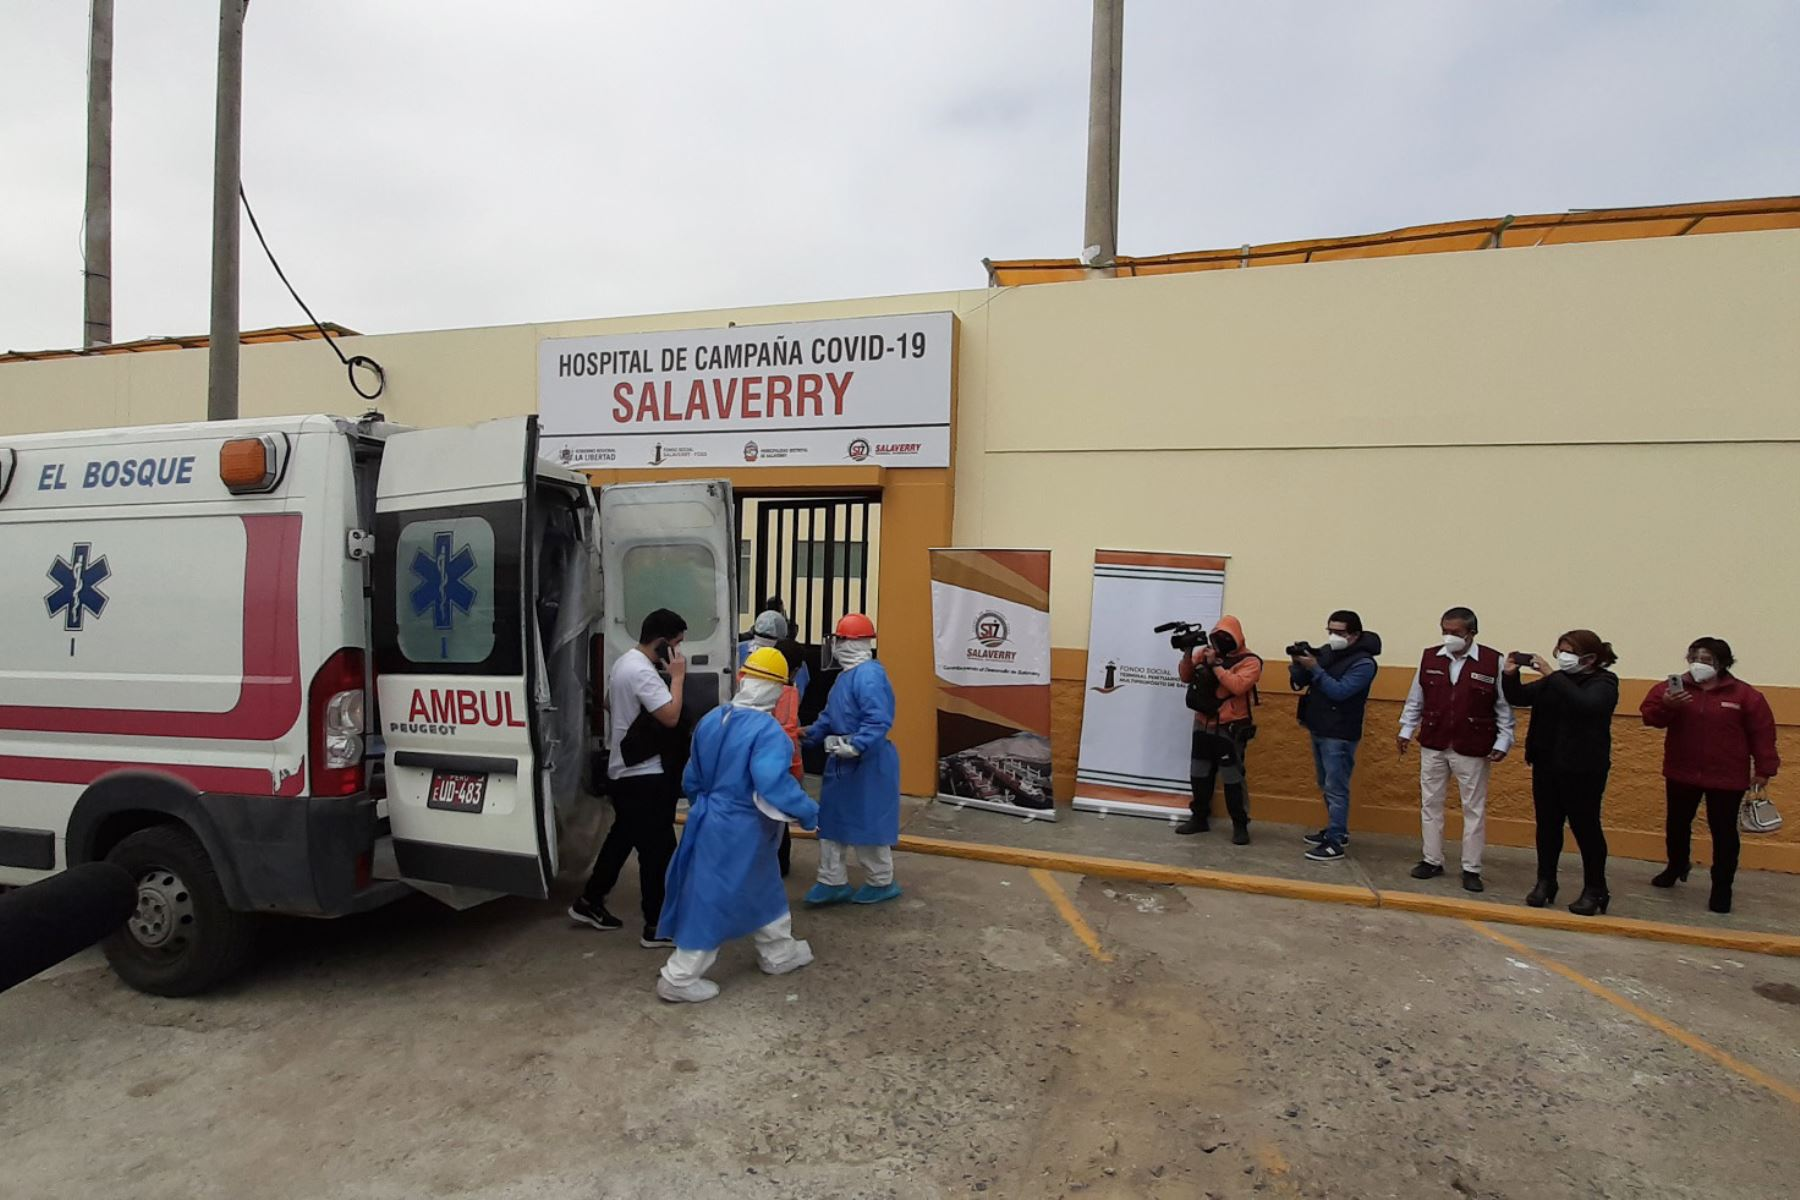 Desde el lunes recibe pacientes el hospital de campaña del distrito de Salaverry, en la región La Libertad. Foto: ANDINA/Difusión